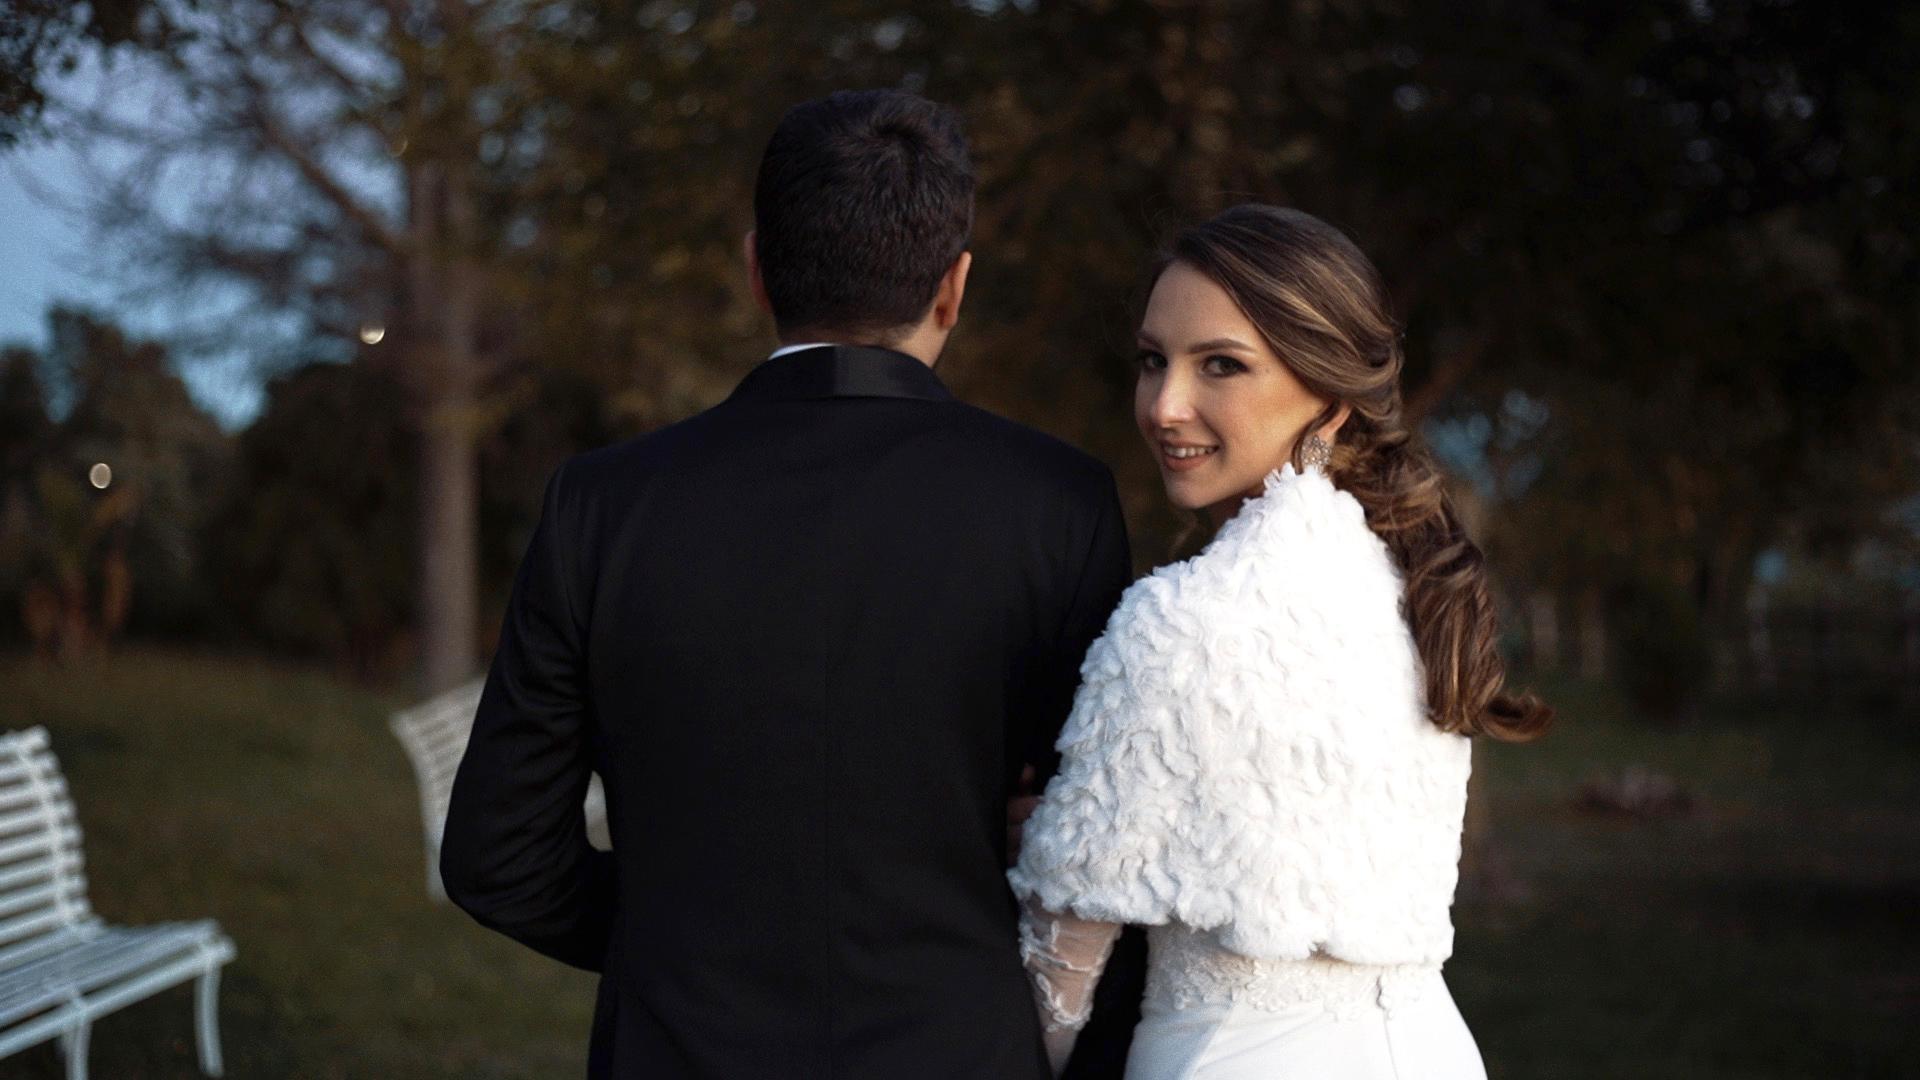 sposa con abito nuziale abbraccia sposo con smoking mentre camminano romanticamente in un giardino verde